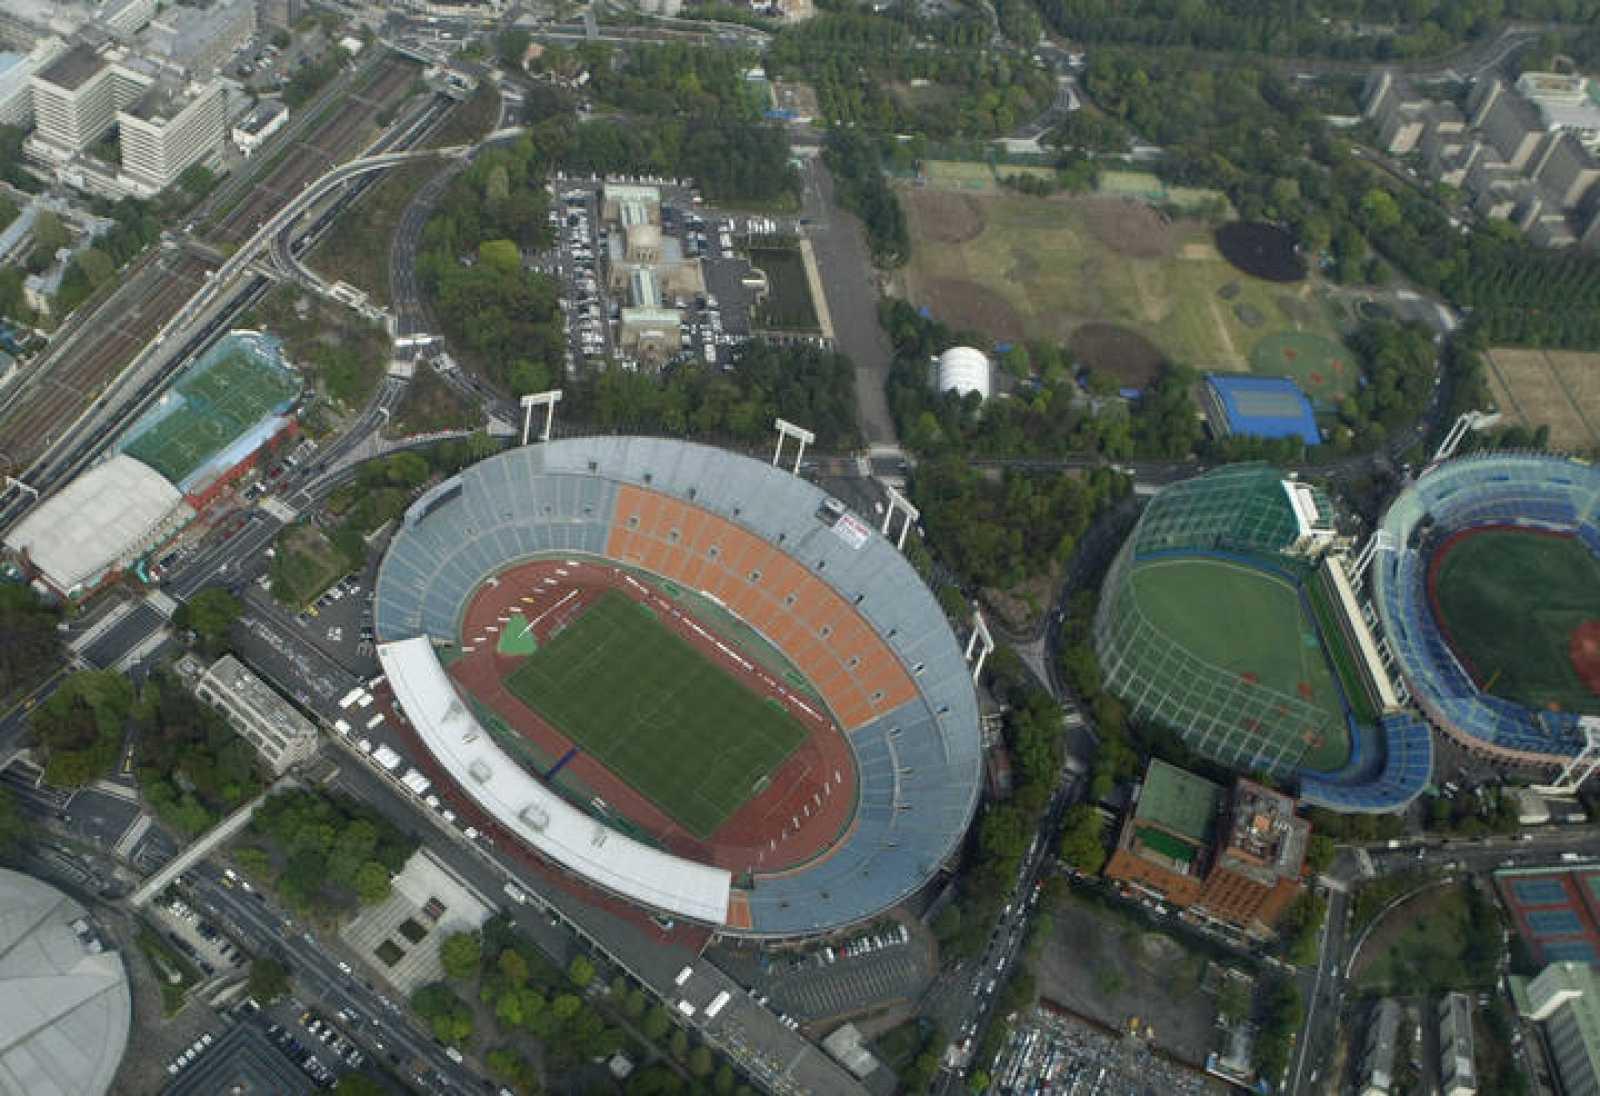 Vista aérea del Estadio Olímpico de Tokyo, en el que se celebraron los Juegos de 1964.